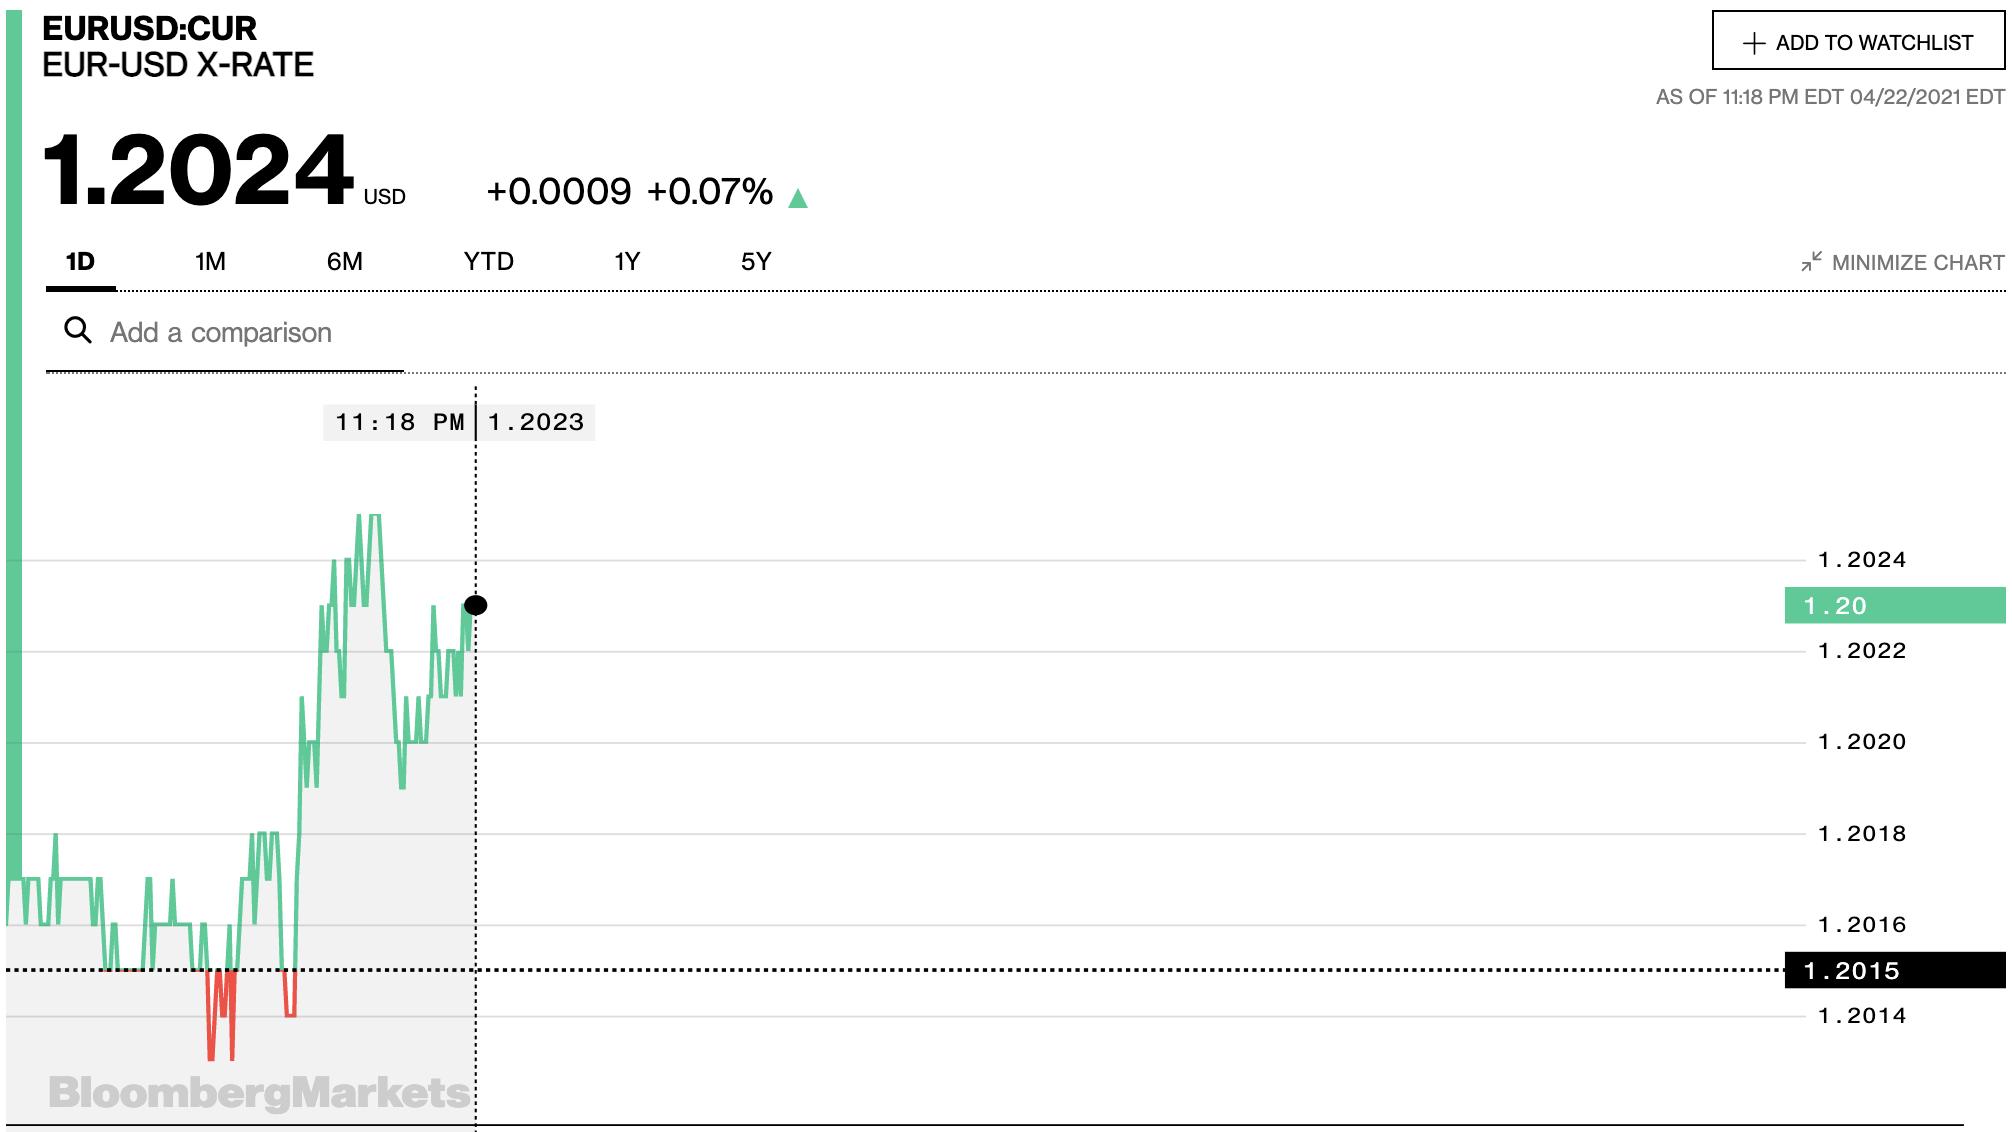 Tỷ giá euro hôm nay 23/4: Các ngân hàng đồng loạt tăng trong khi thị trường chợ đen giảm - Ảnh 2.